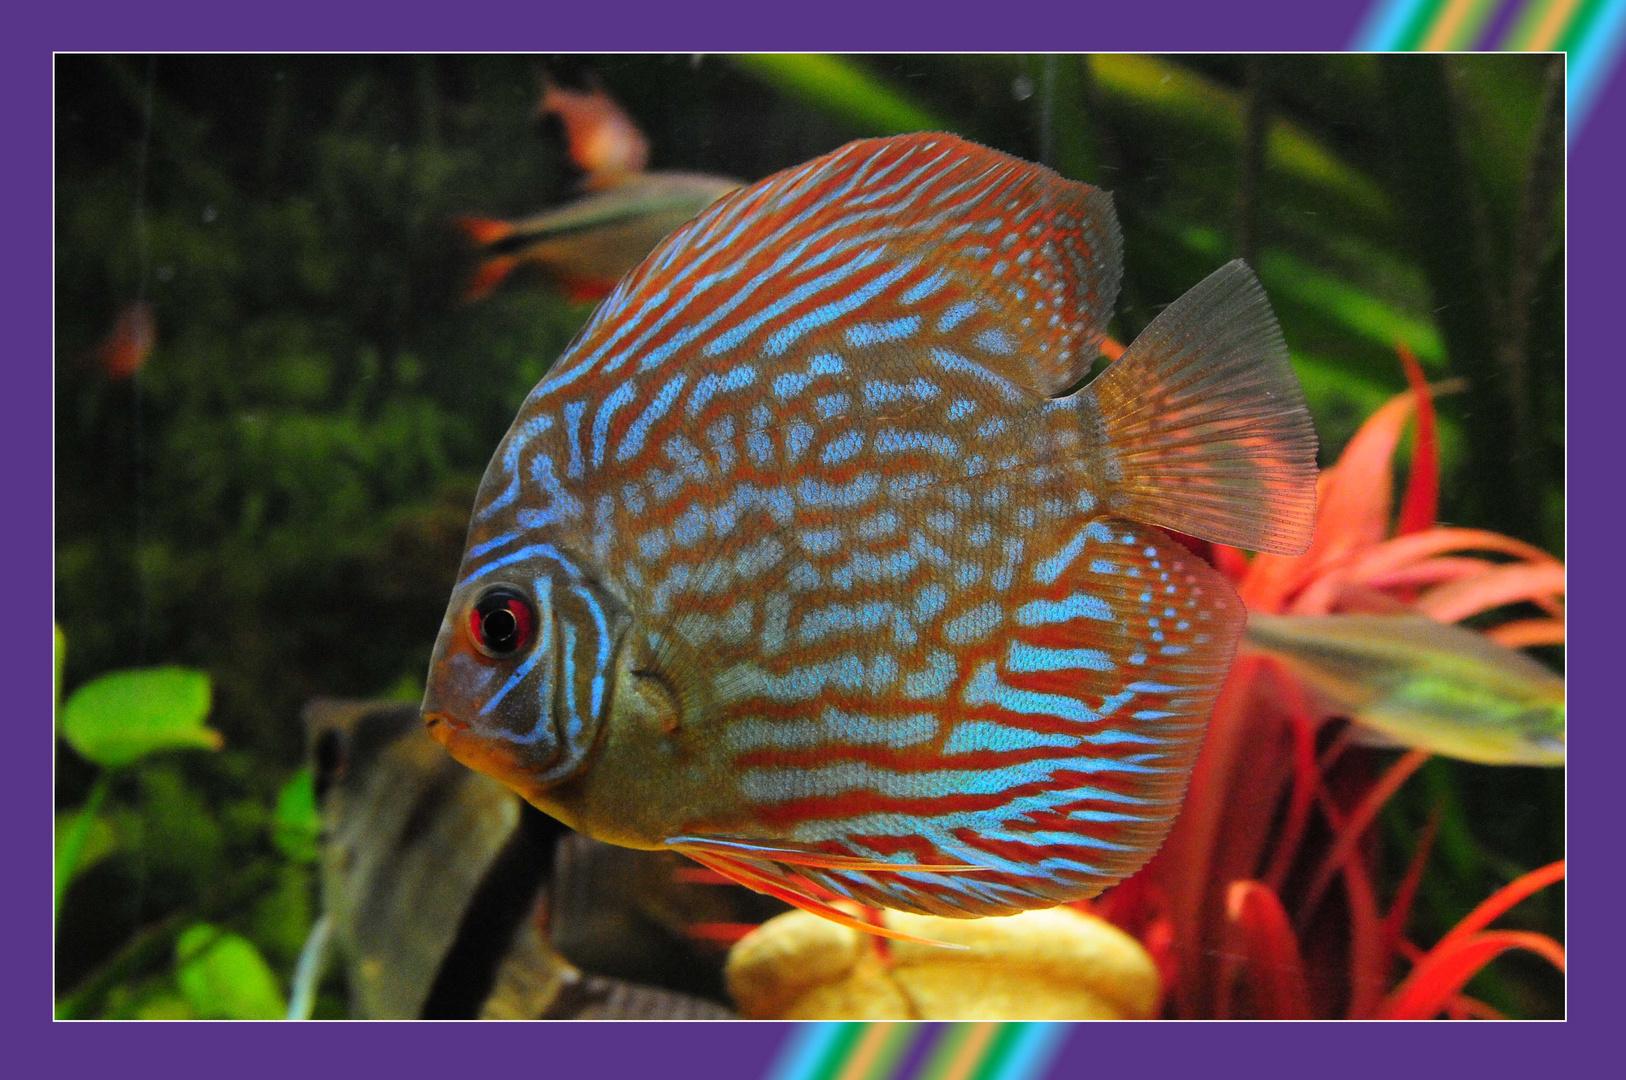 Diskus - neu in meinem Aquarium